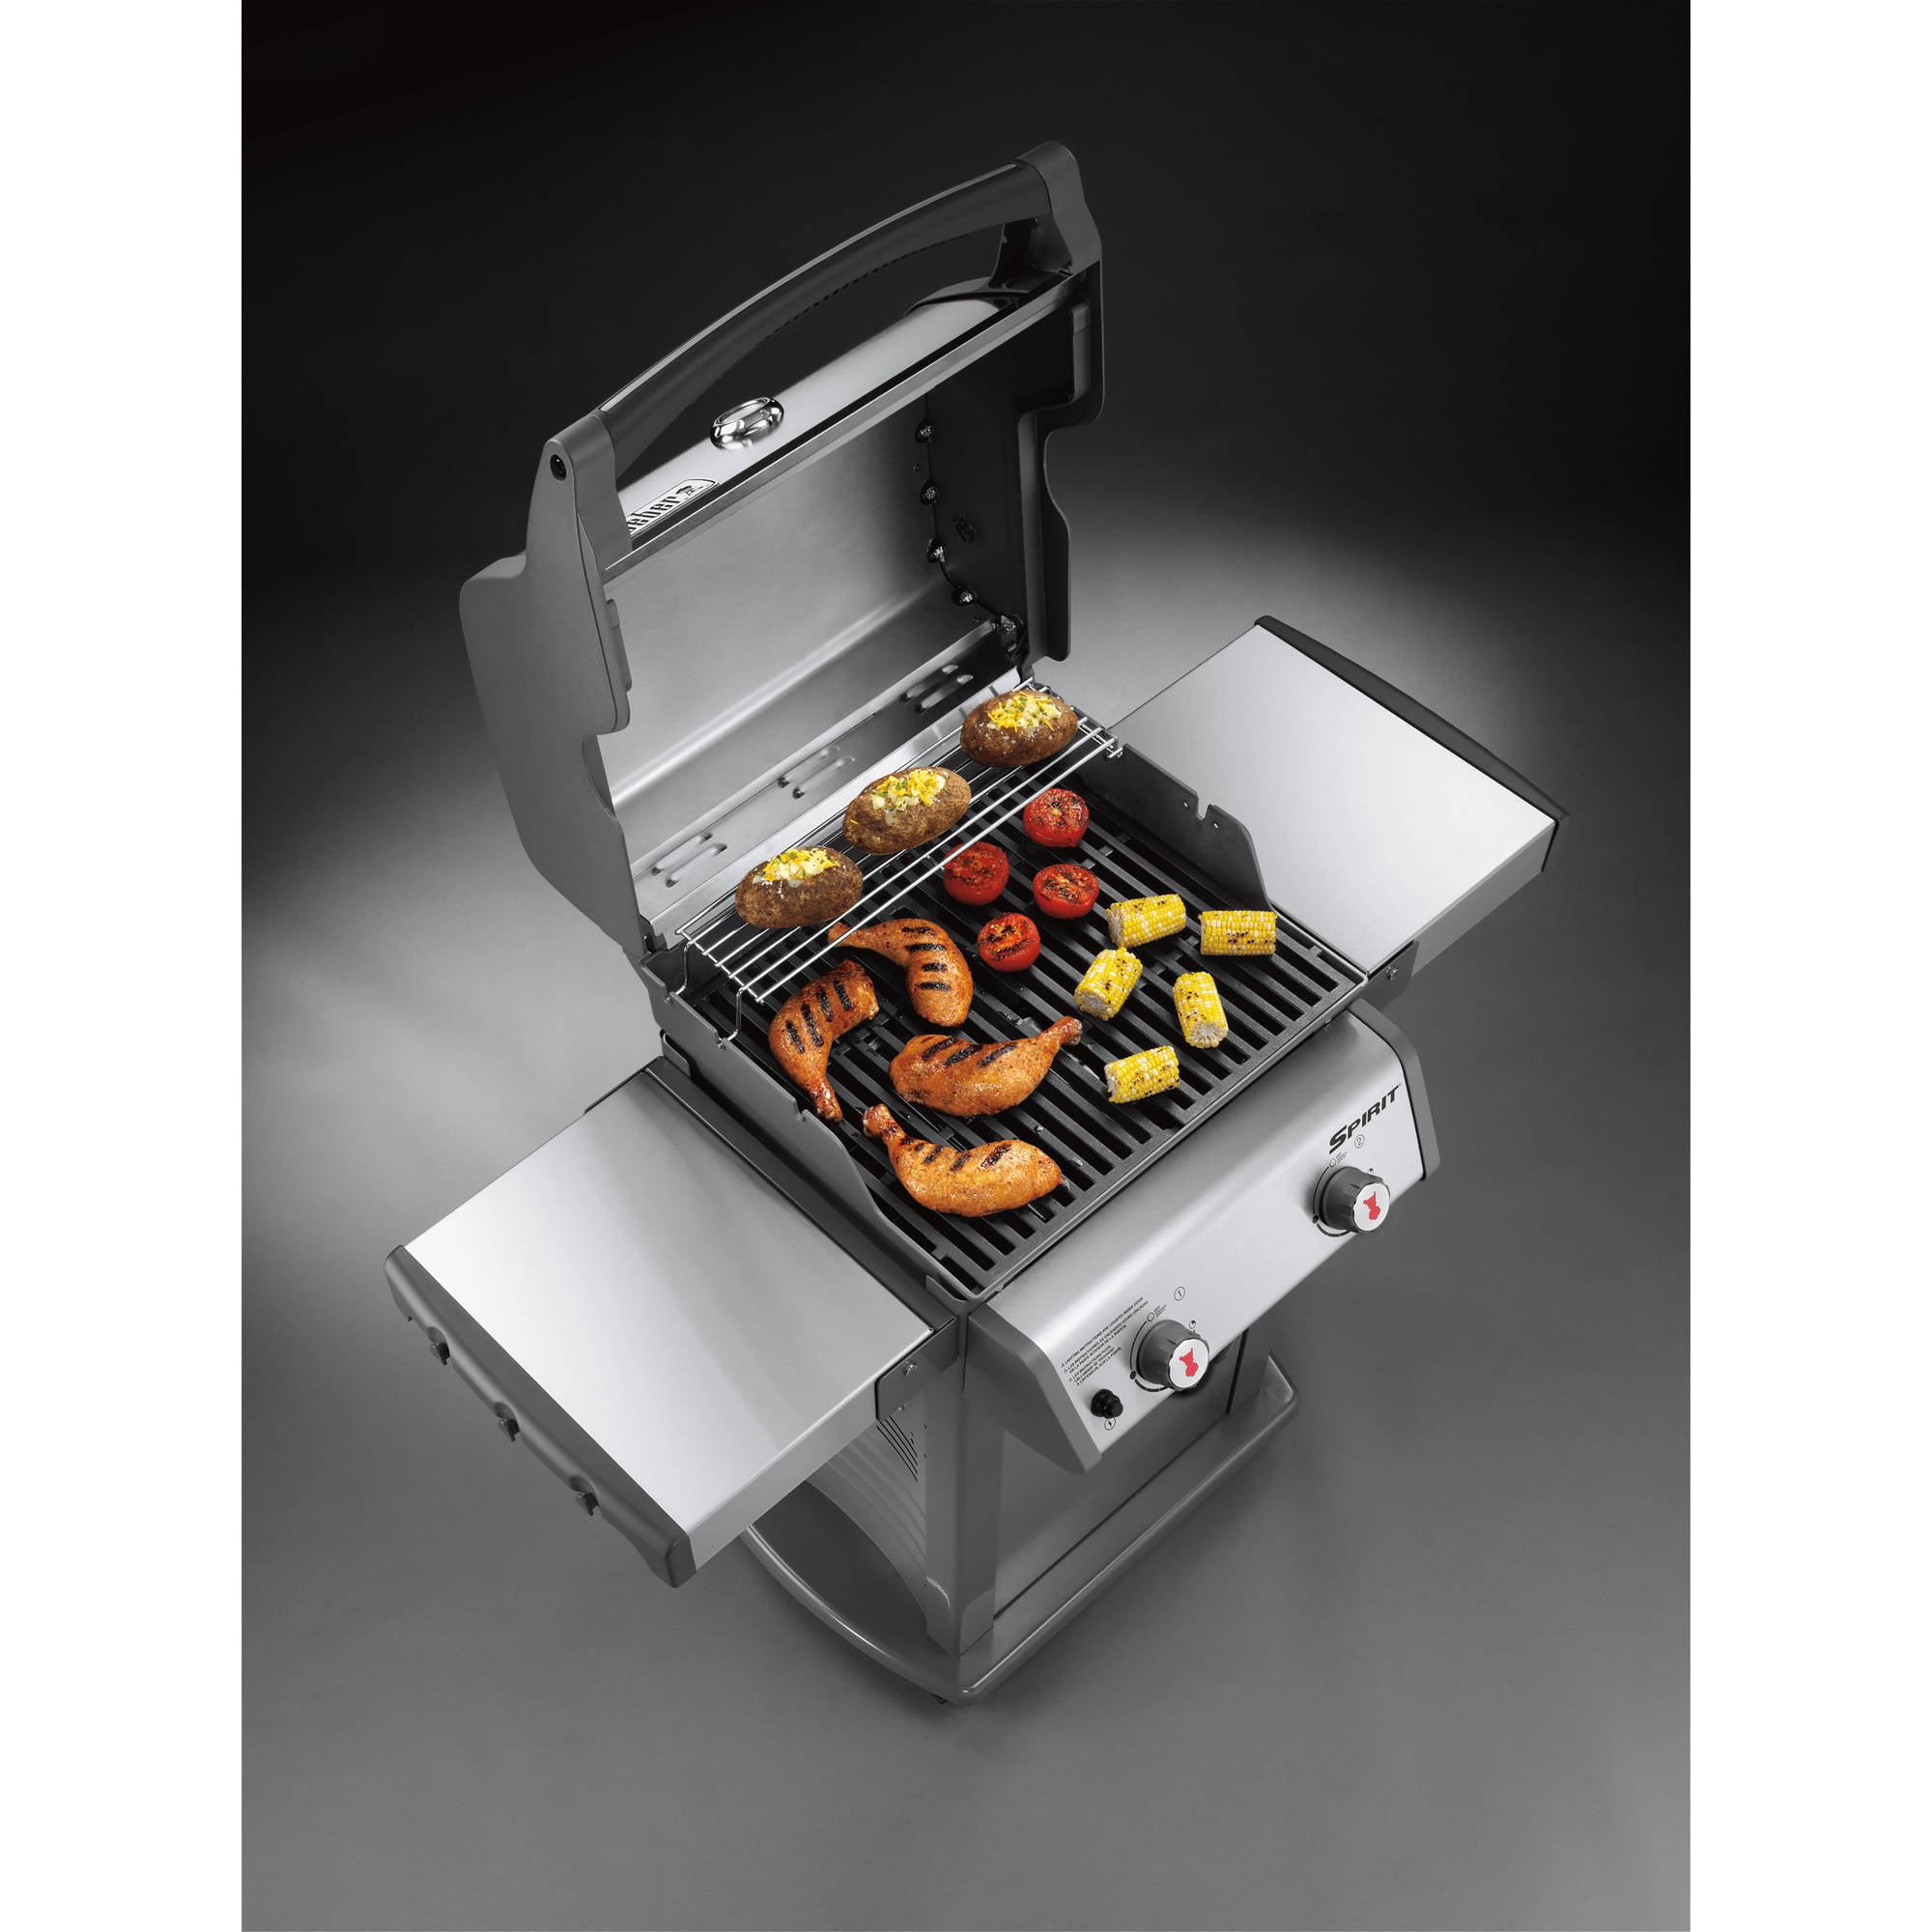 e3344439-8fc8-472d-bc00-d225031619bf_1.ef00aff0a8b8178c571963cc8118471b Luxe De Brico Depot Barbecue Concept